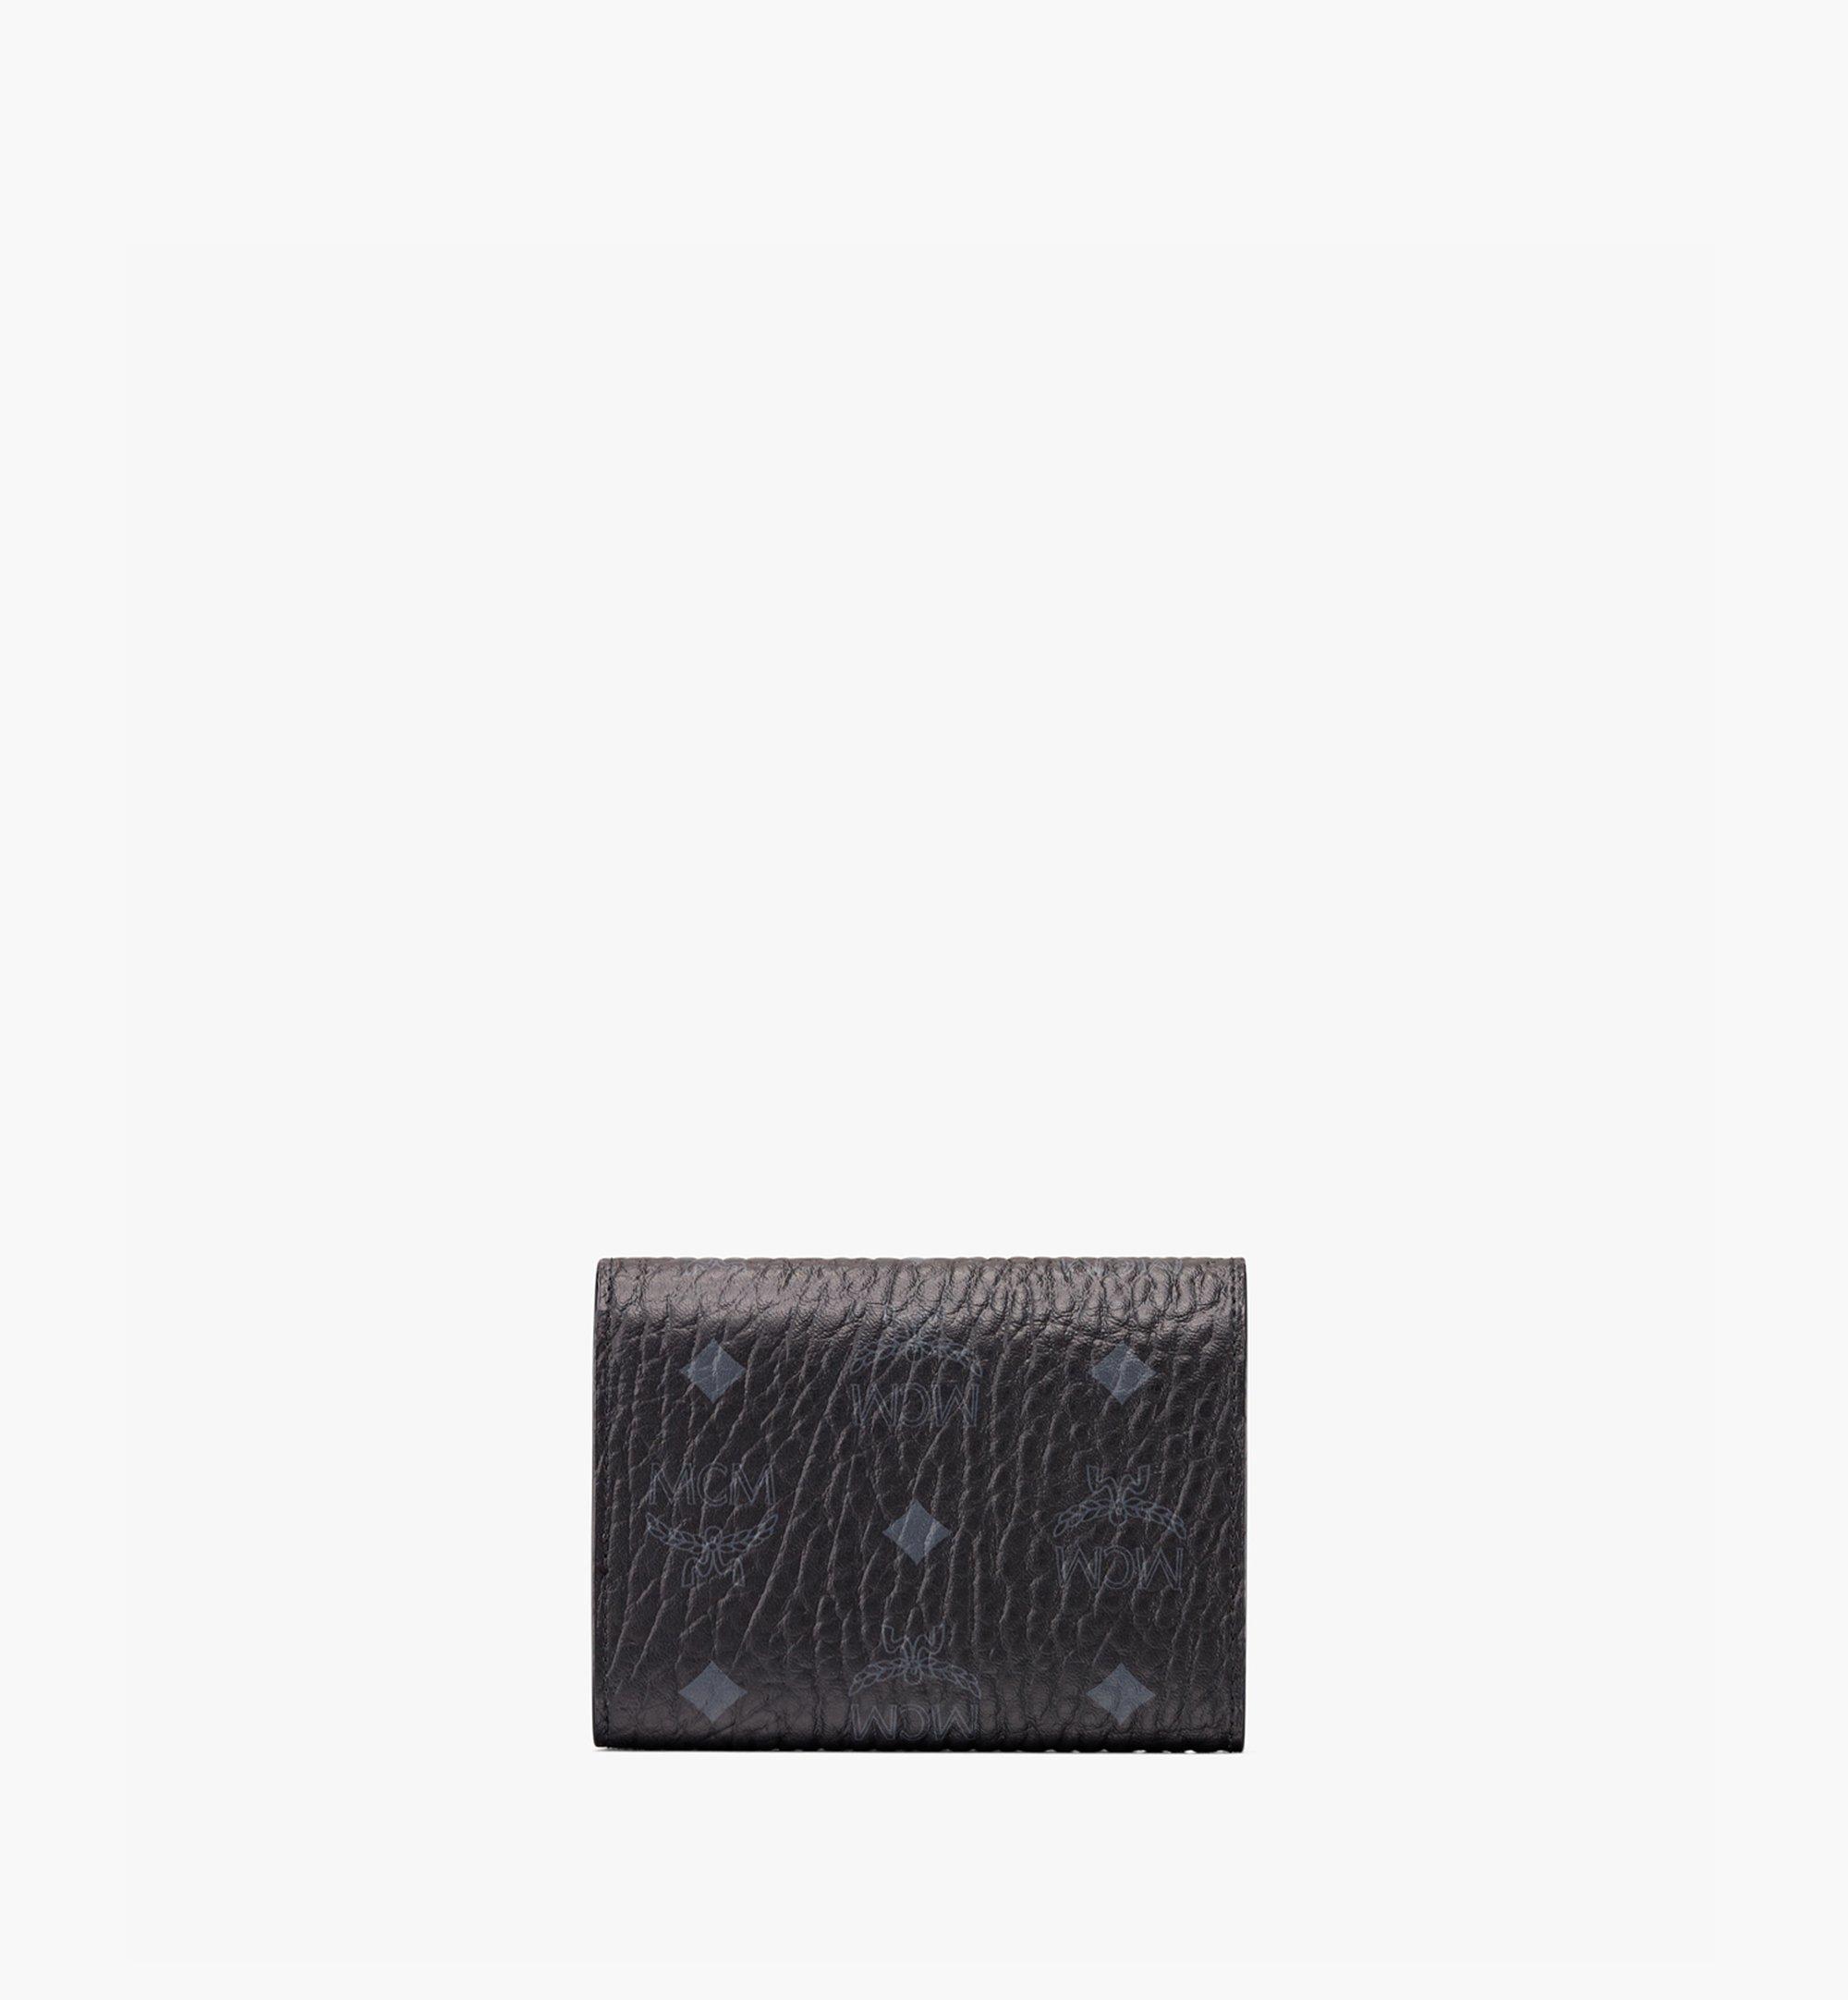 MCM Dreifach gefaltete Brieftasche Patricia in Visetos Black MYSAAPA02BK001 Noch mehr sehen 1